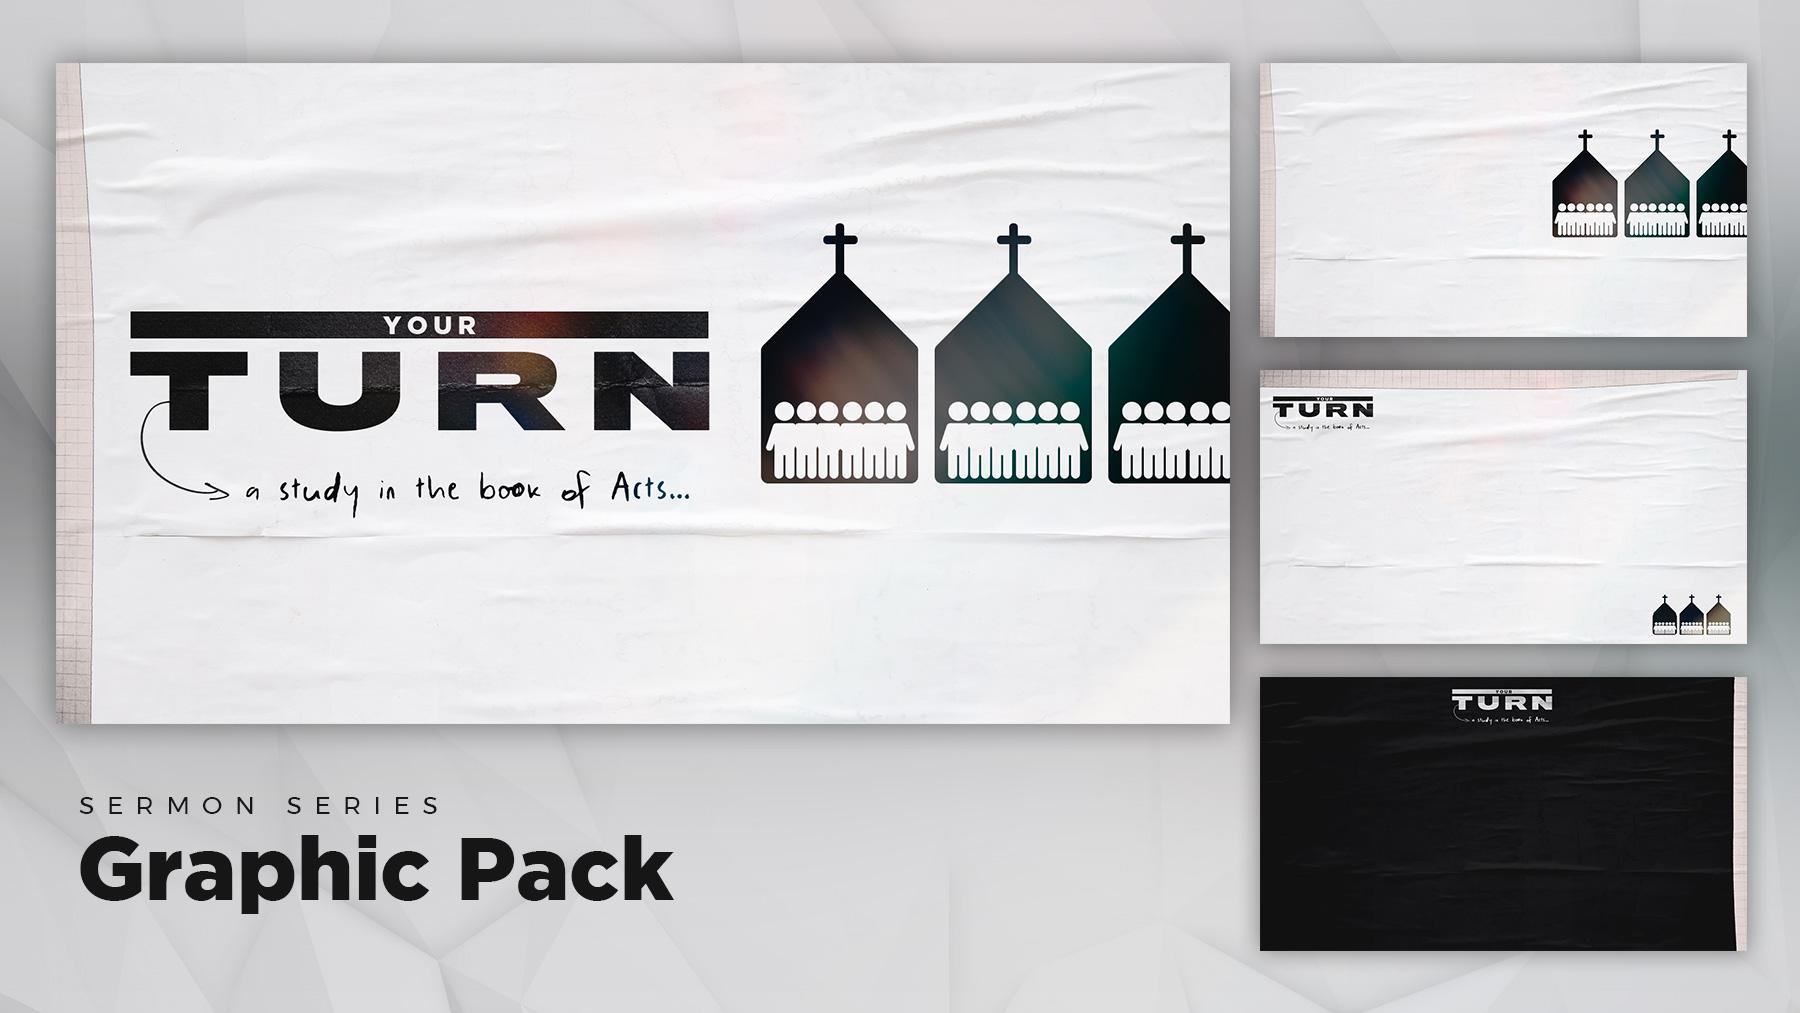 ytrn stills pack